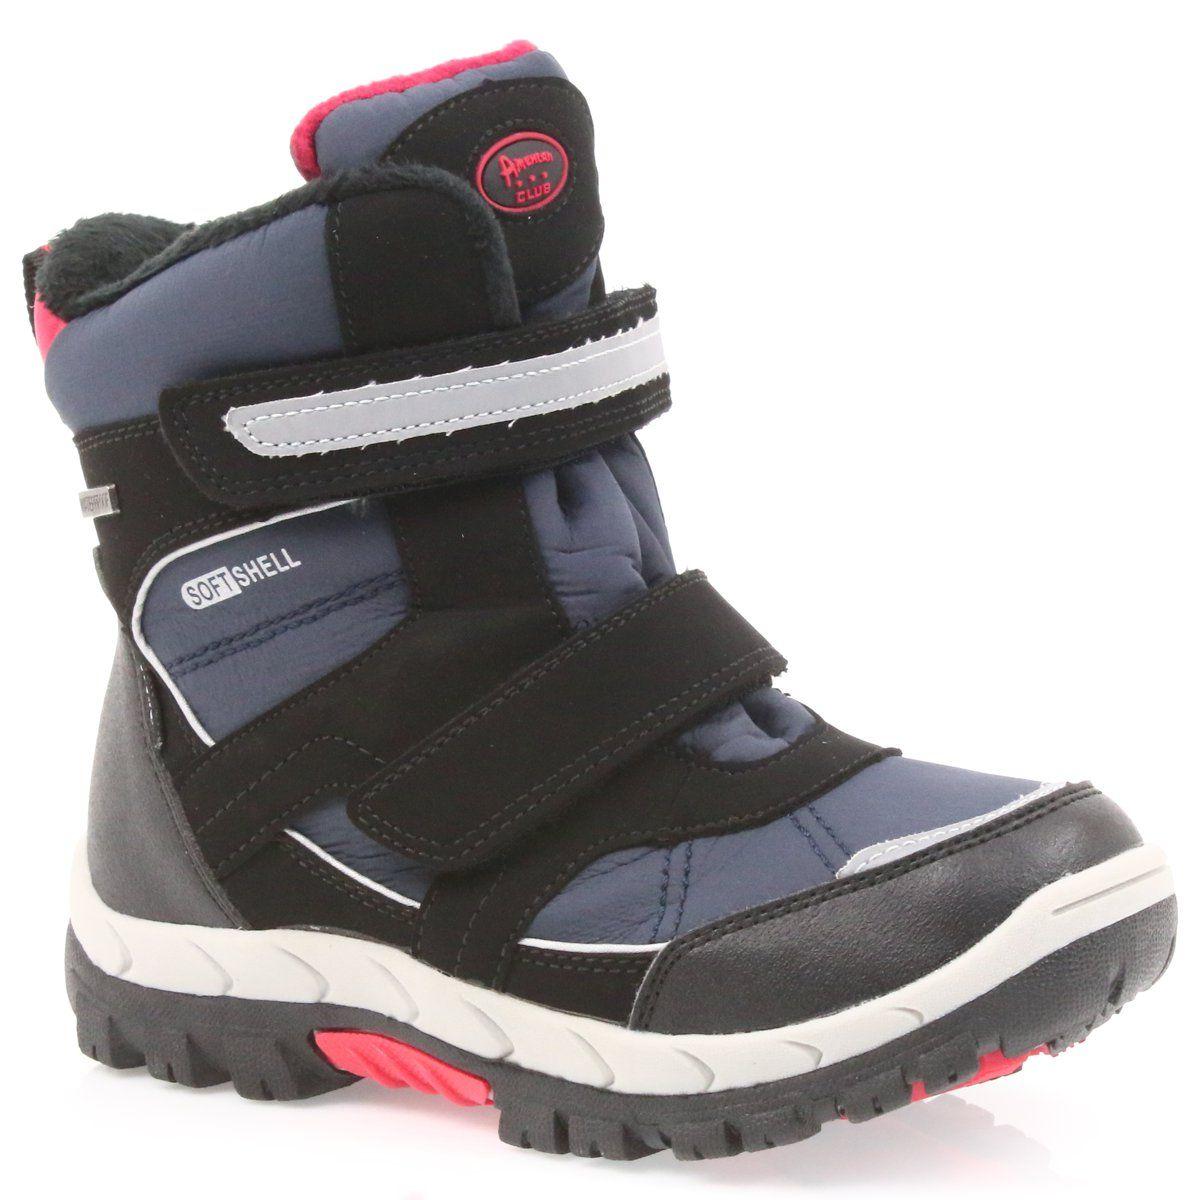 American Club American Kozaki Buty Zimowe Z Membrana 1813 Czarne Czerwone Granatowe Shoes Sandals Fashion